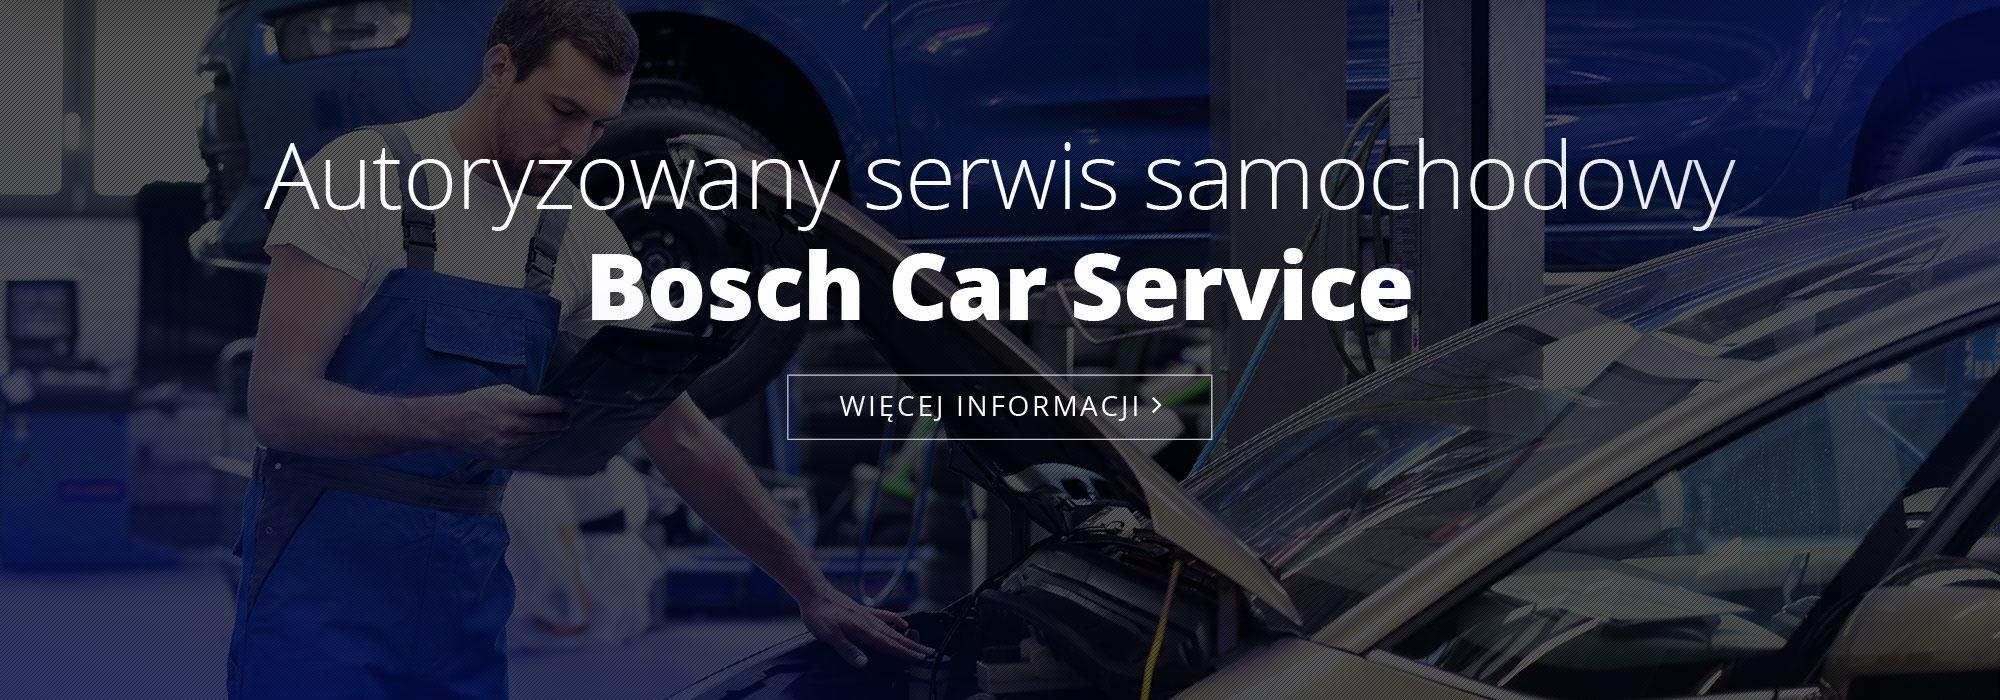 Autoryzowany serwis samochodowy Bosch Car Service